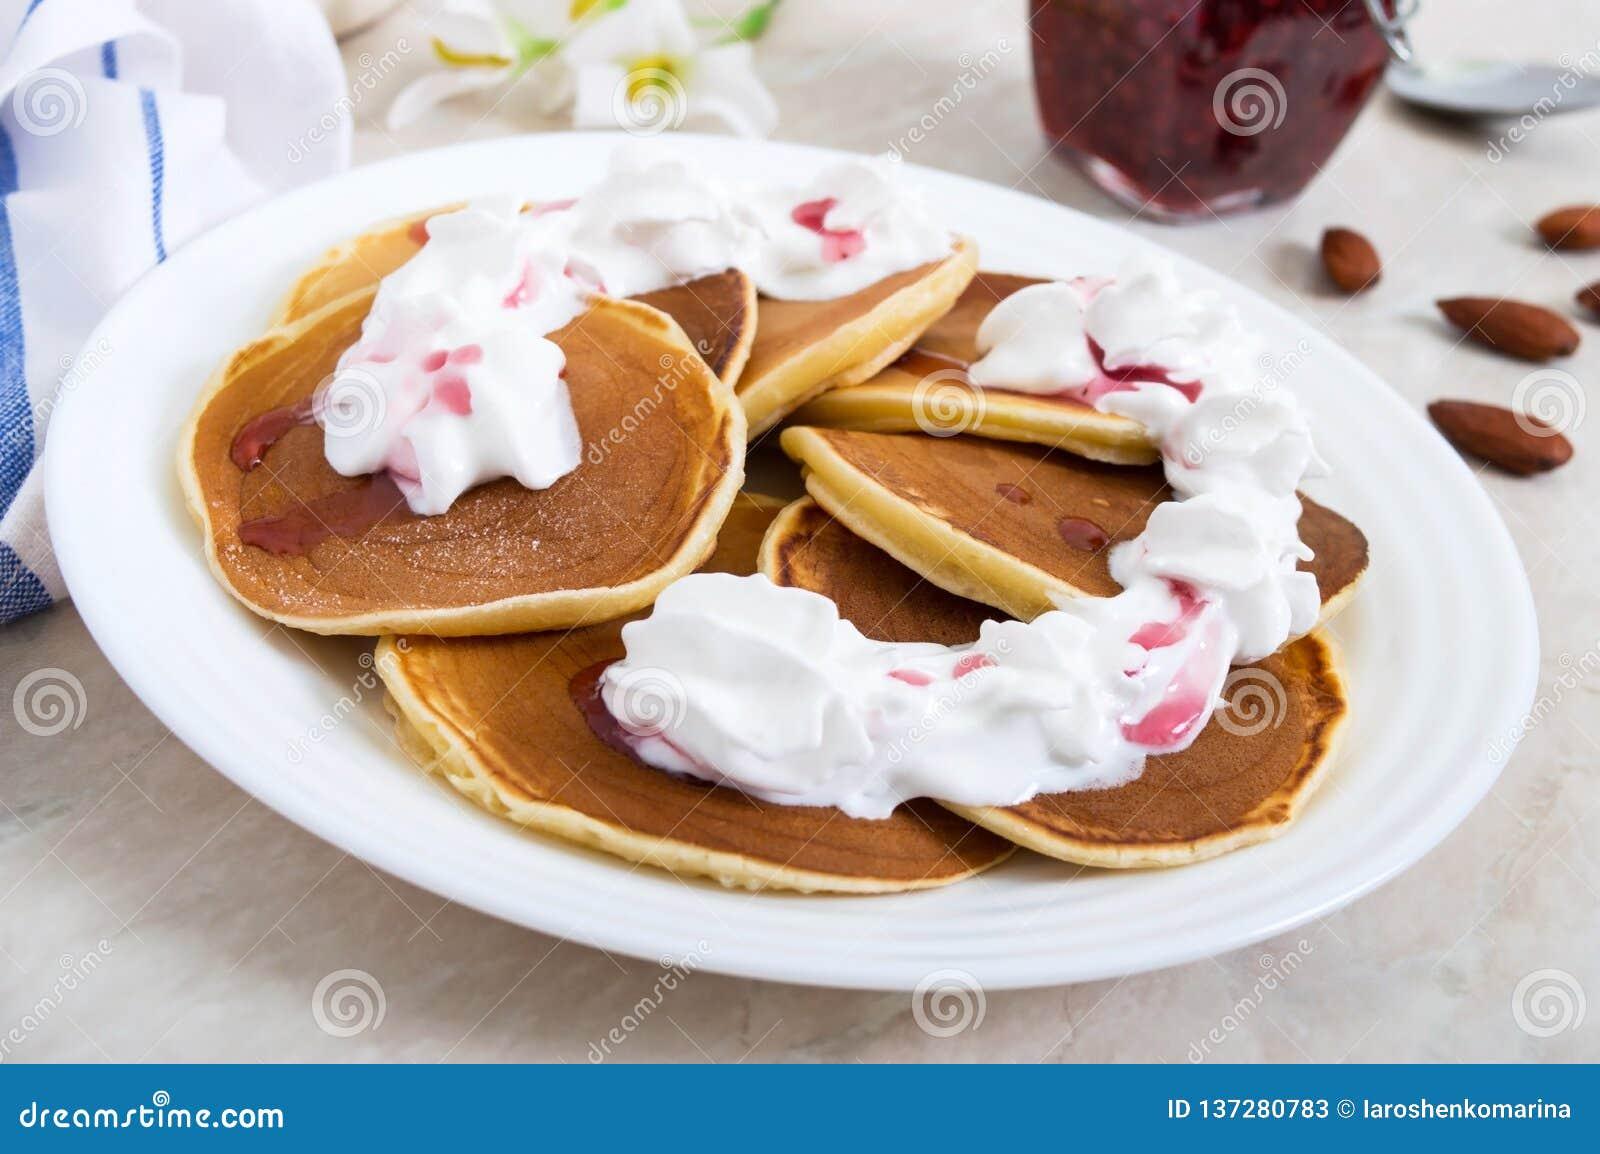 De heerlijke pannekoeken met frambozenjam en slagroom op een wit plateren op de keukenlijst